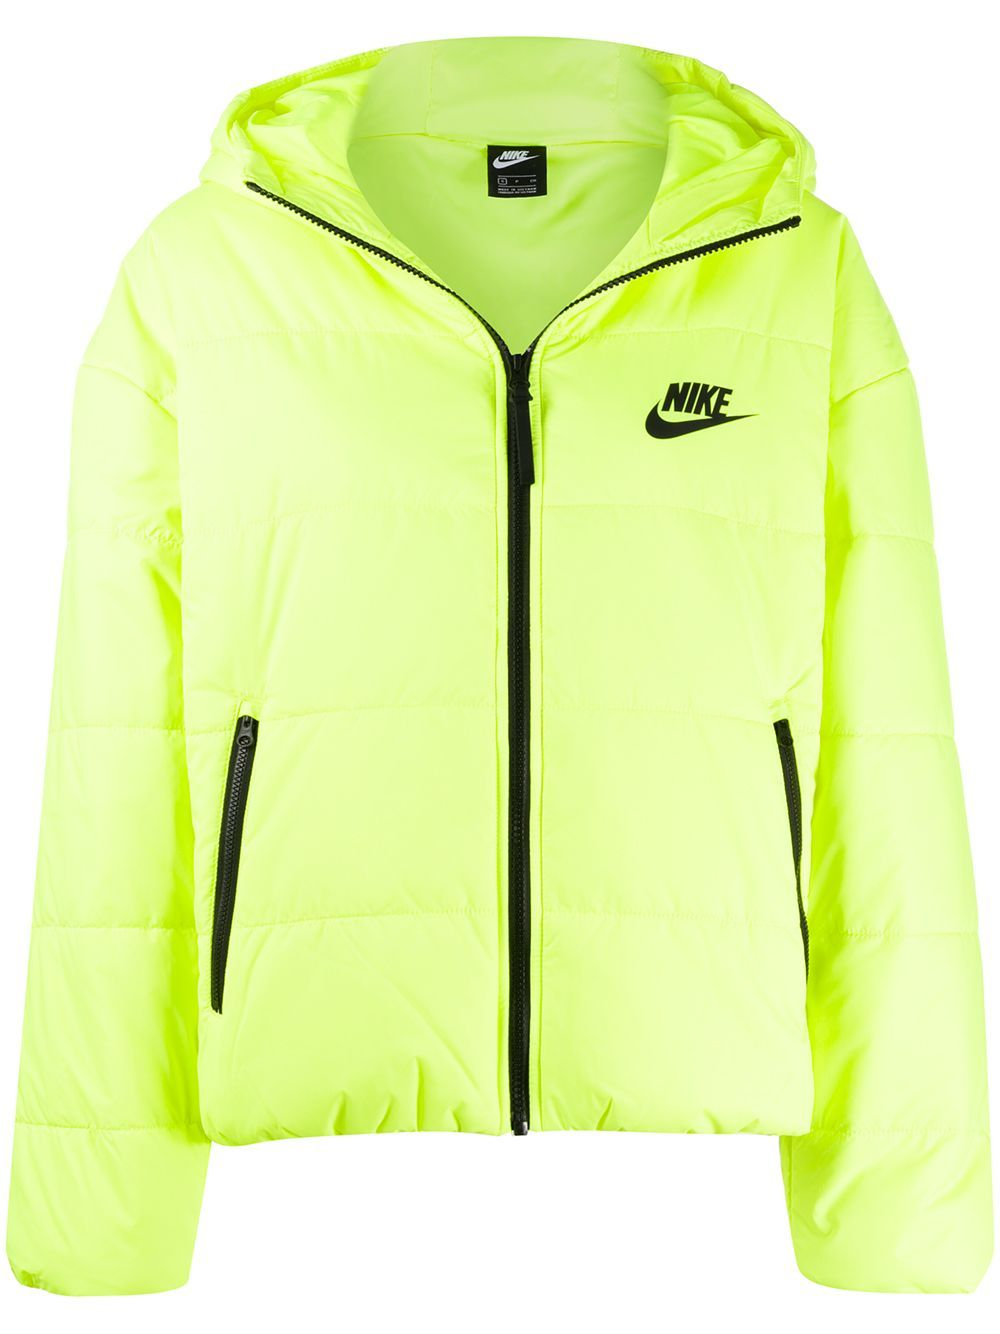 Nike Sportswear Puffer Jacket Farfetch Puffer Jackets Jackets Sportswear [ 1334 x 1000 Pixel ]